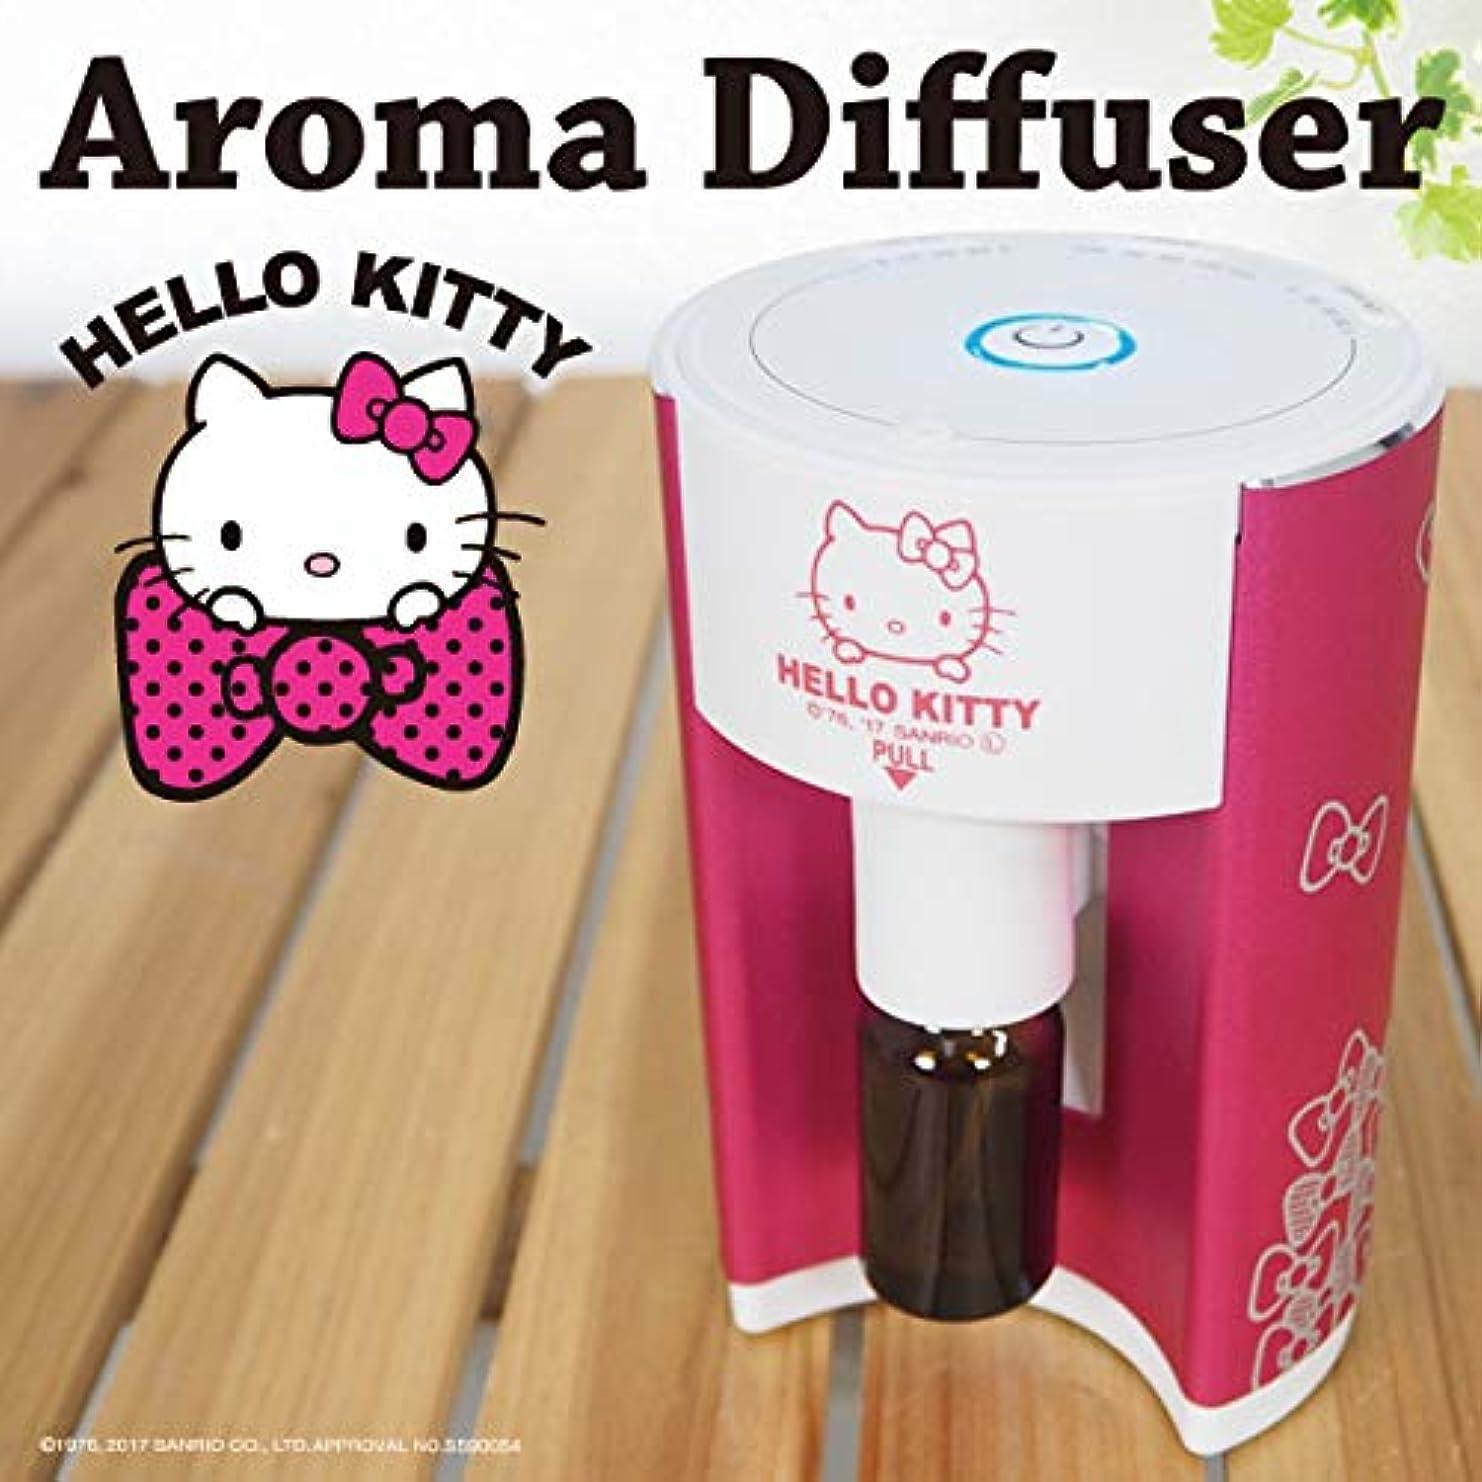 HELLO KITTY ハローキティ SANRIO サンリオ ネブライザー式 アロマディフューザー 水を使わない シンプル スマート アロマオイル